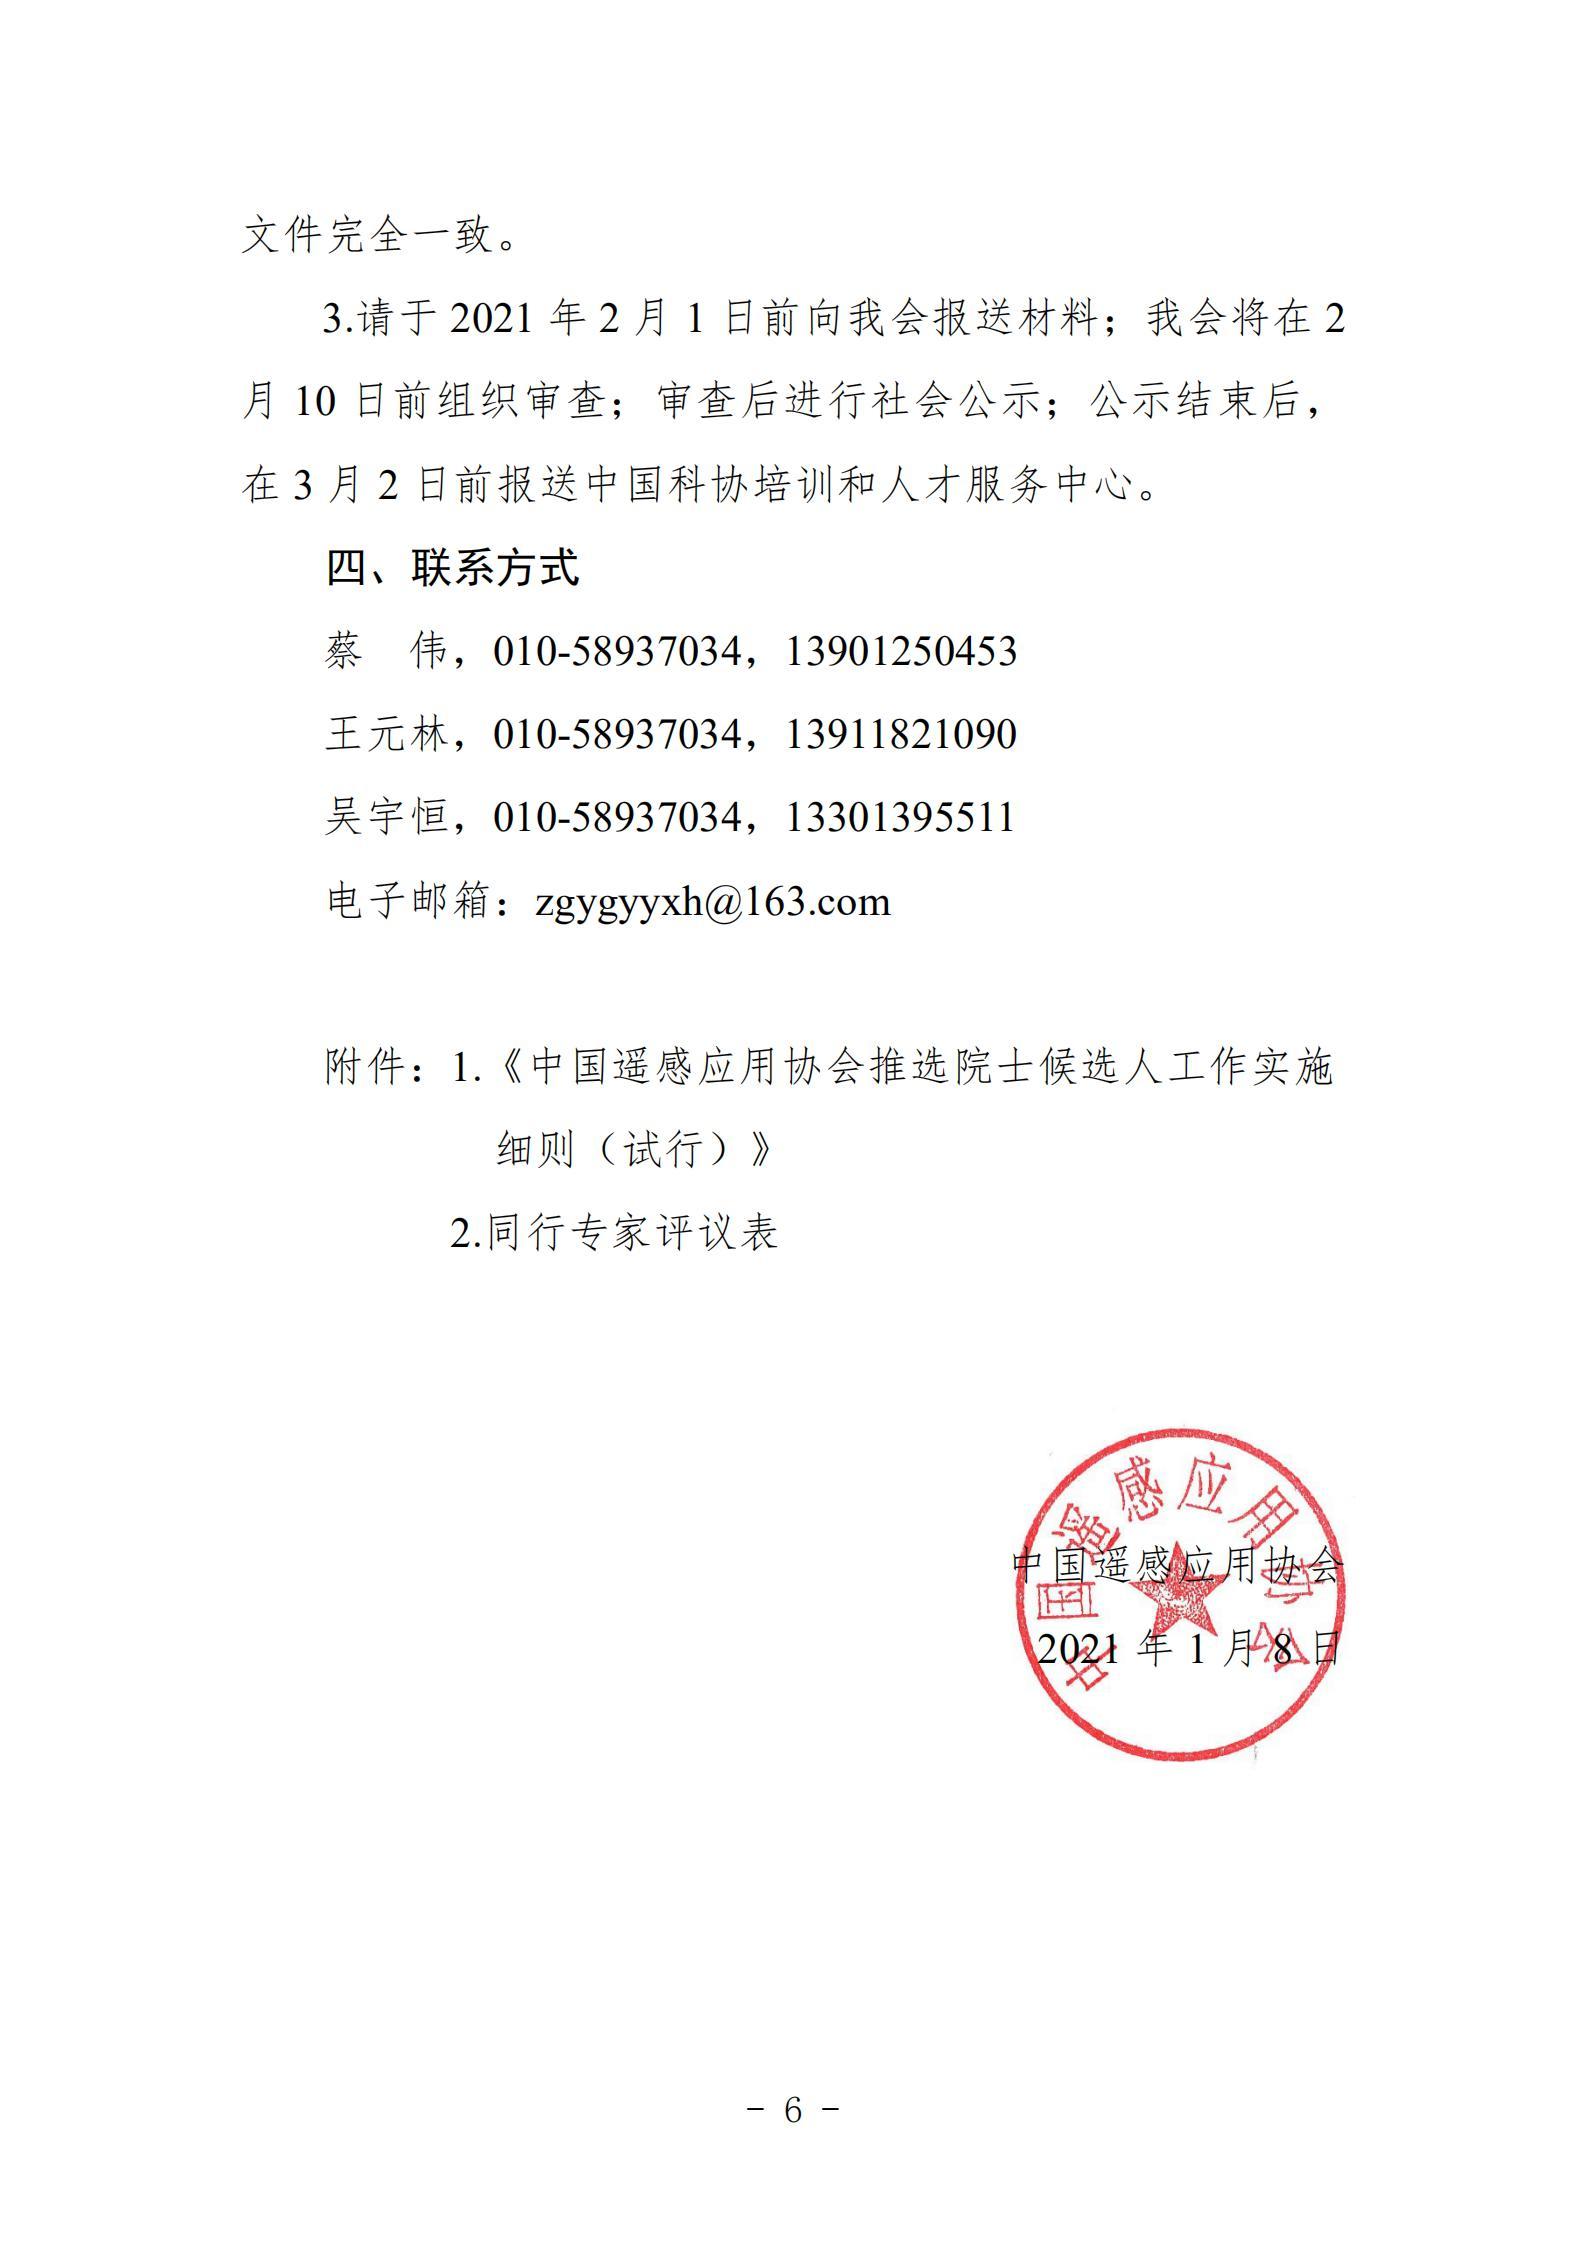 中國遙感應用協會關于組織推選2021年中國科學院和中國工程院院士候選人的通知_05.jpg